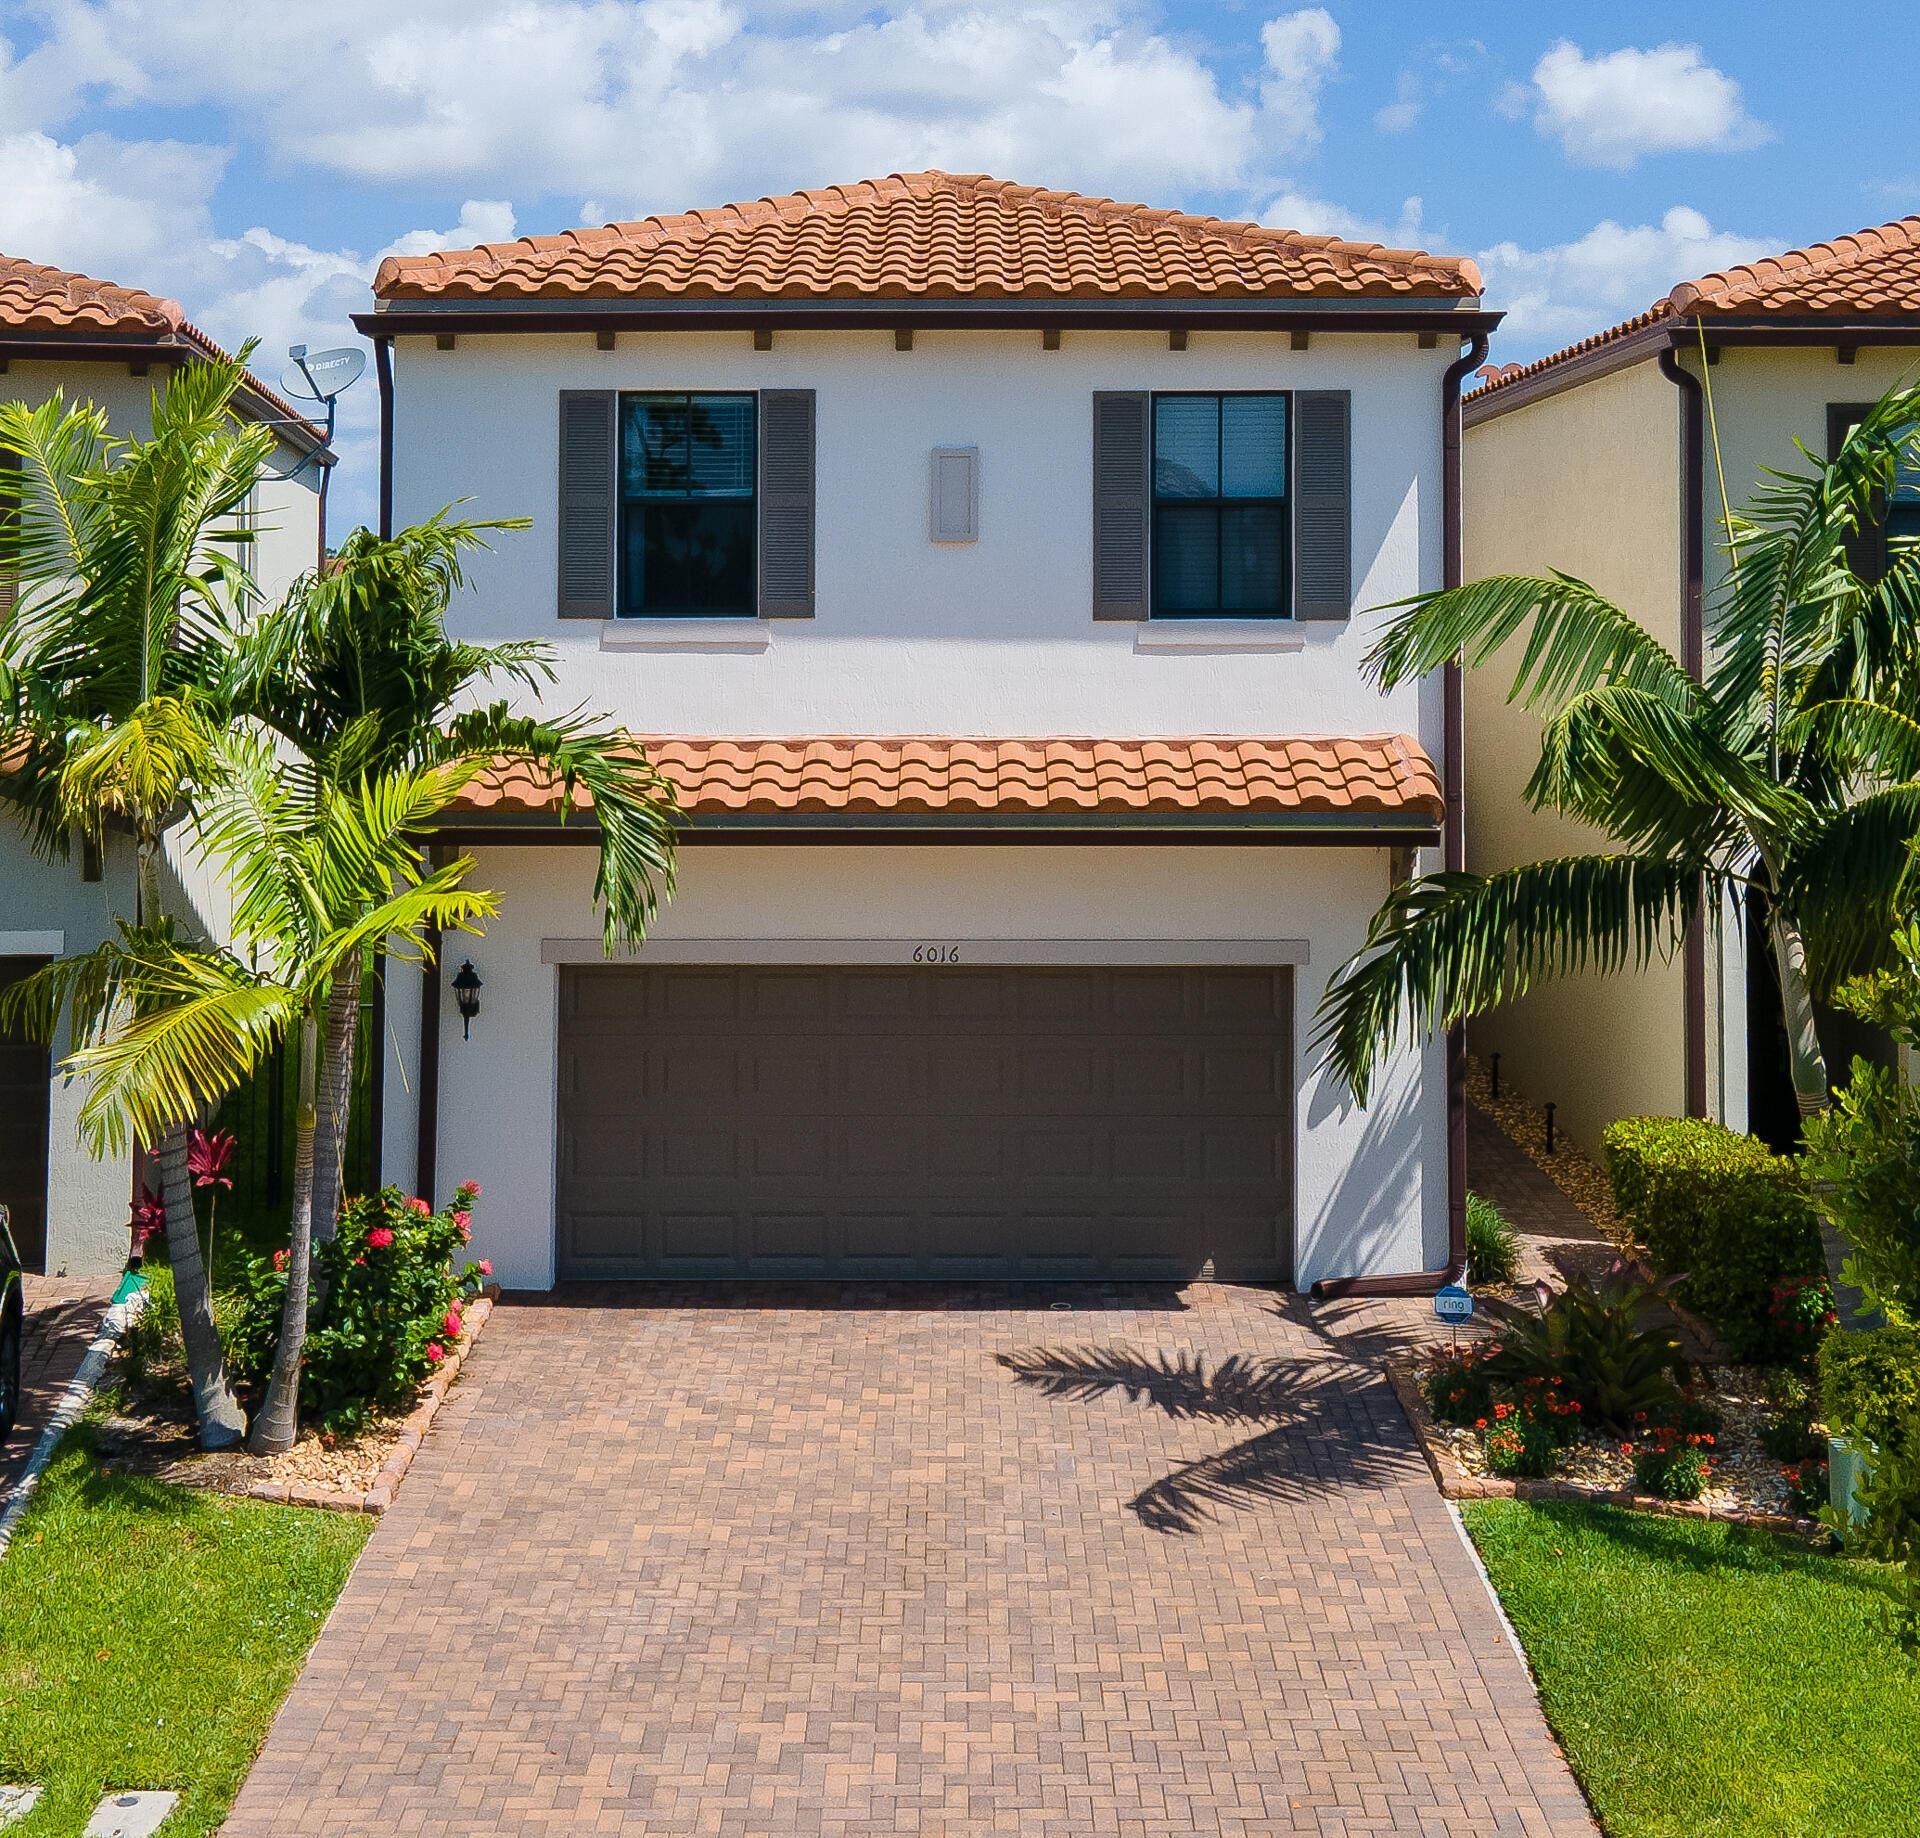 Photo of 6016 Pine Tree Way, Riviera Beach, FL 33410 (MLS # RX-10743933)